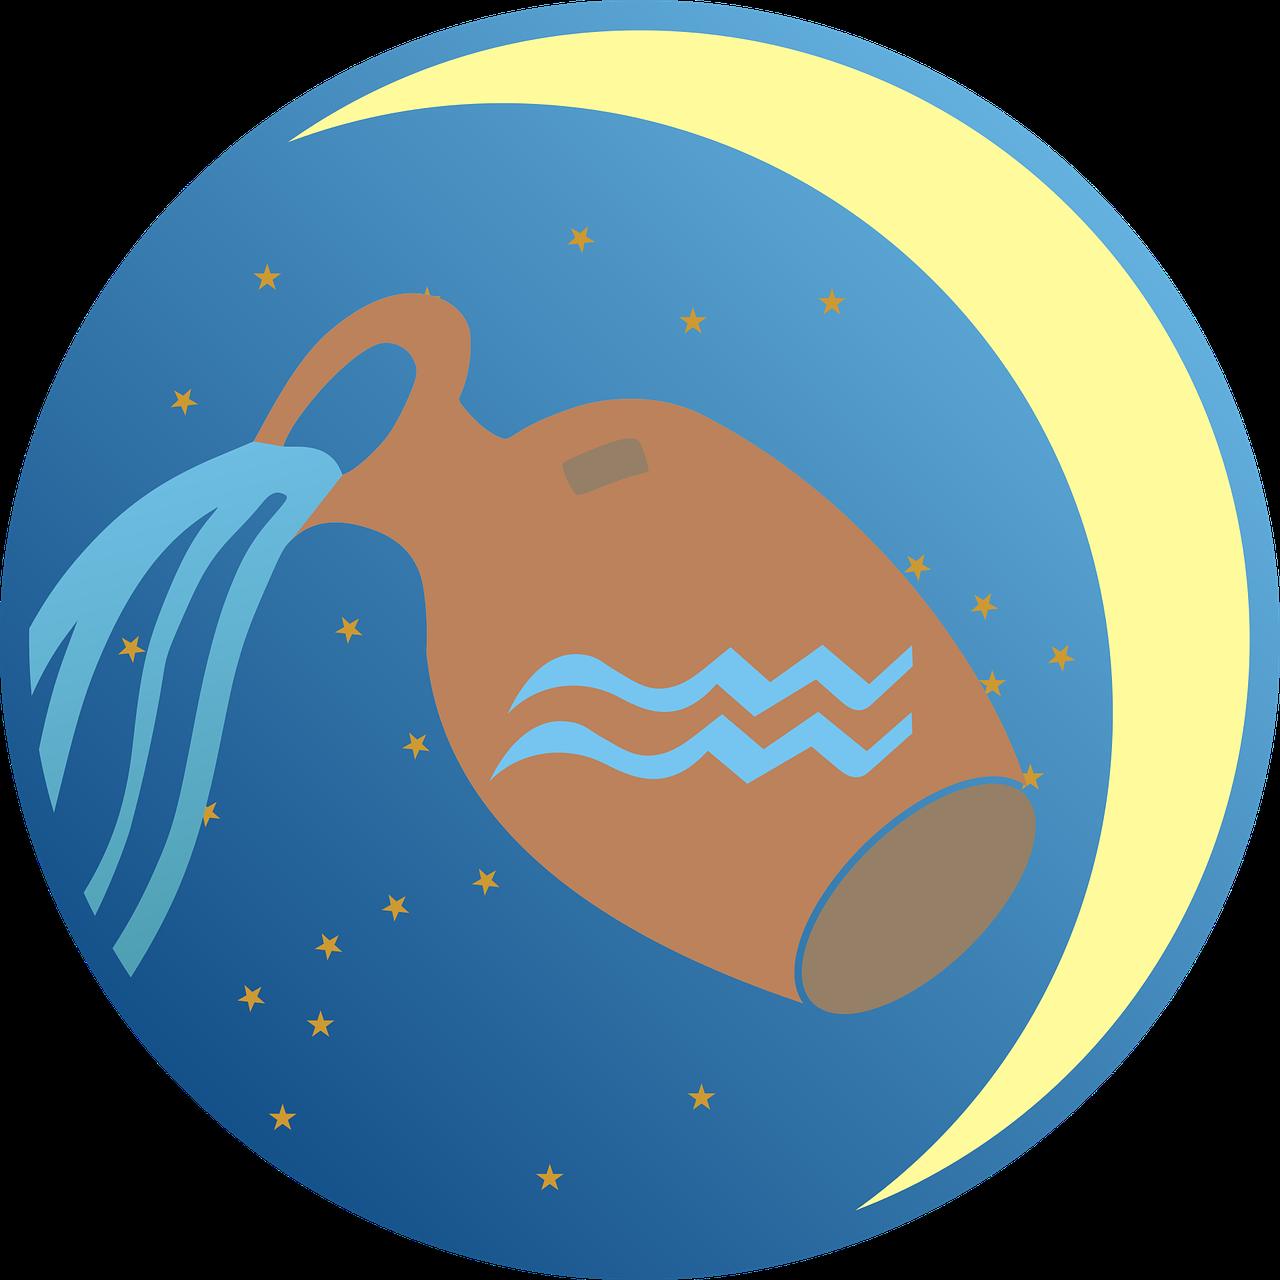 aquarius-2296922_1280.png